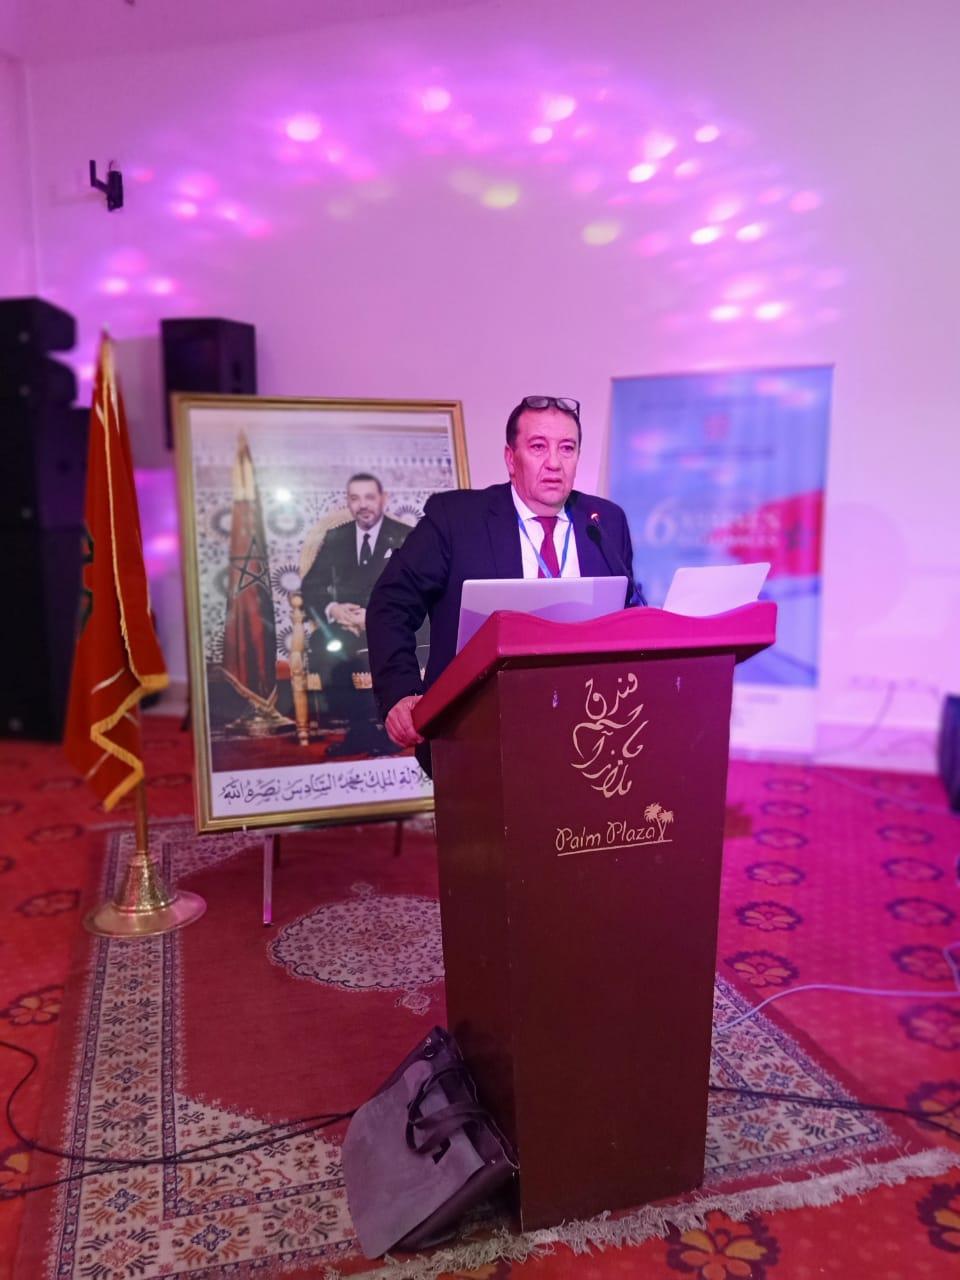 رئيس الجمعية الوطنية للمصحات الخاصة يعيد قضية تدبير الصحة بالمغرب لقلب التقاش